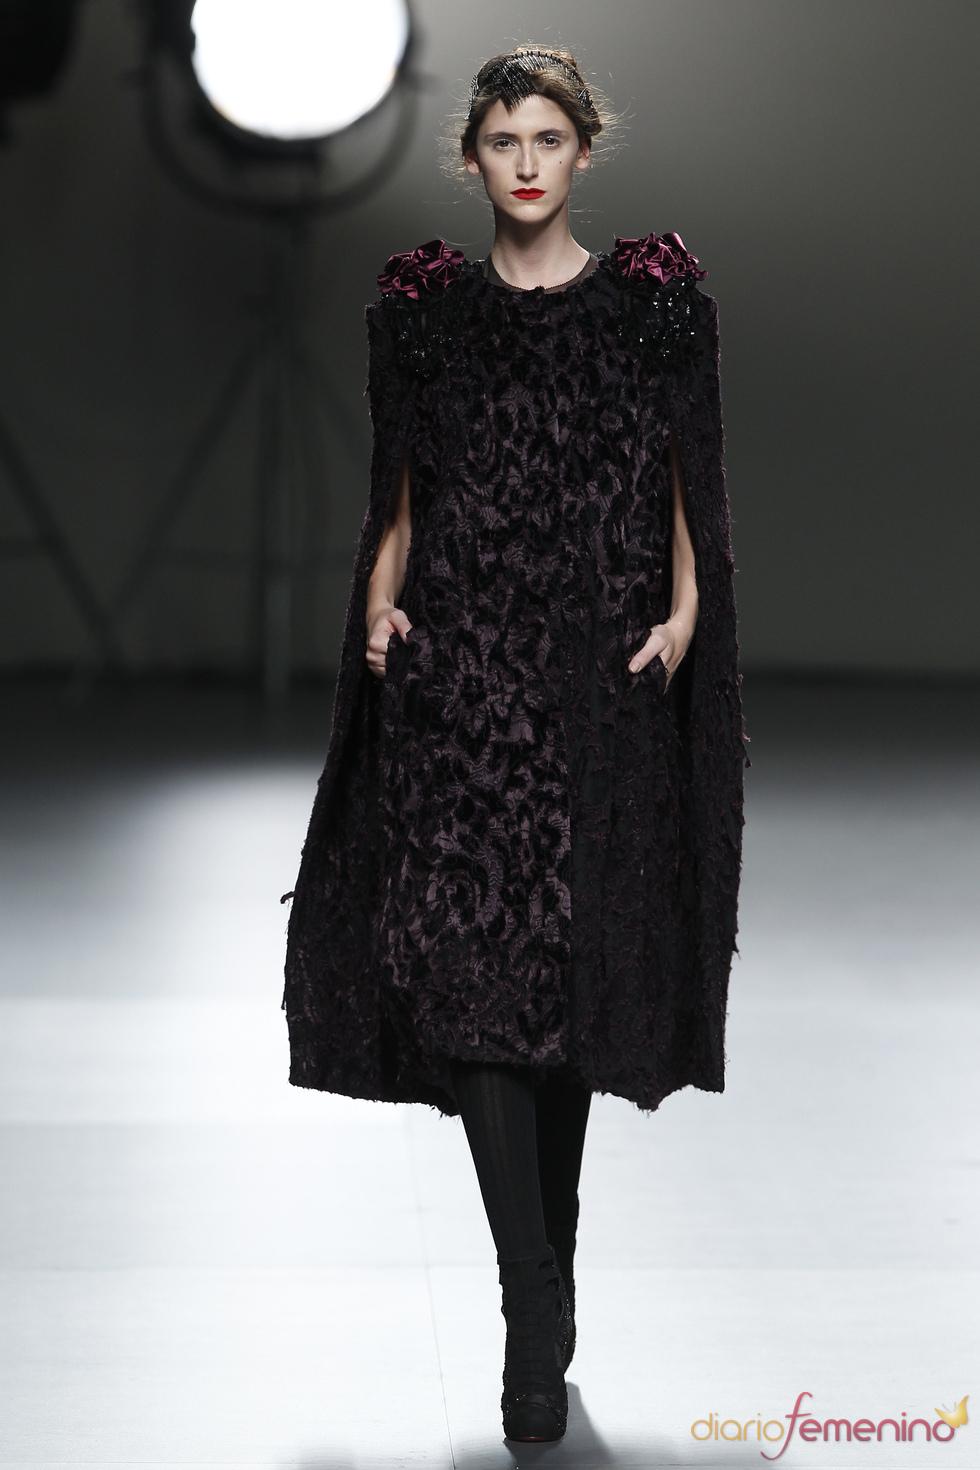 Diseño de Victorio & Lucchino en Cibeles 2011